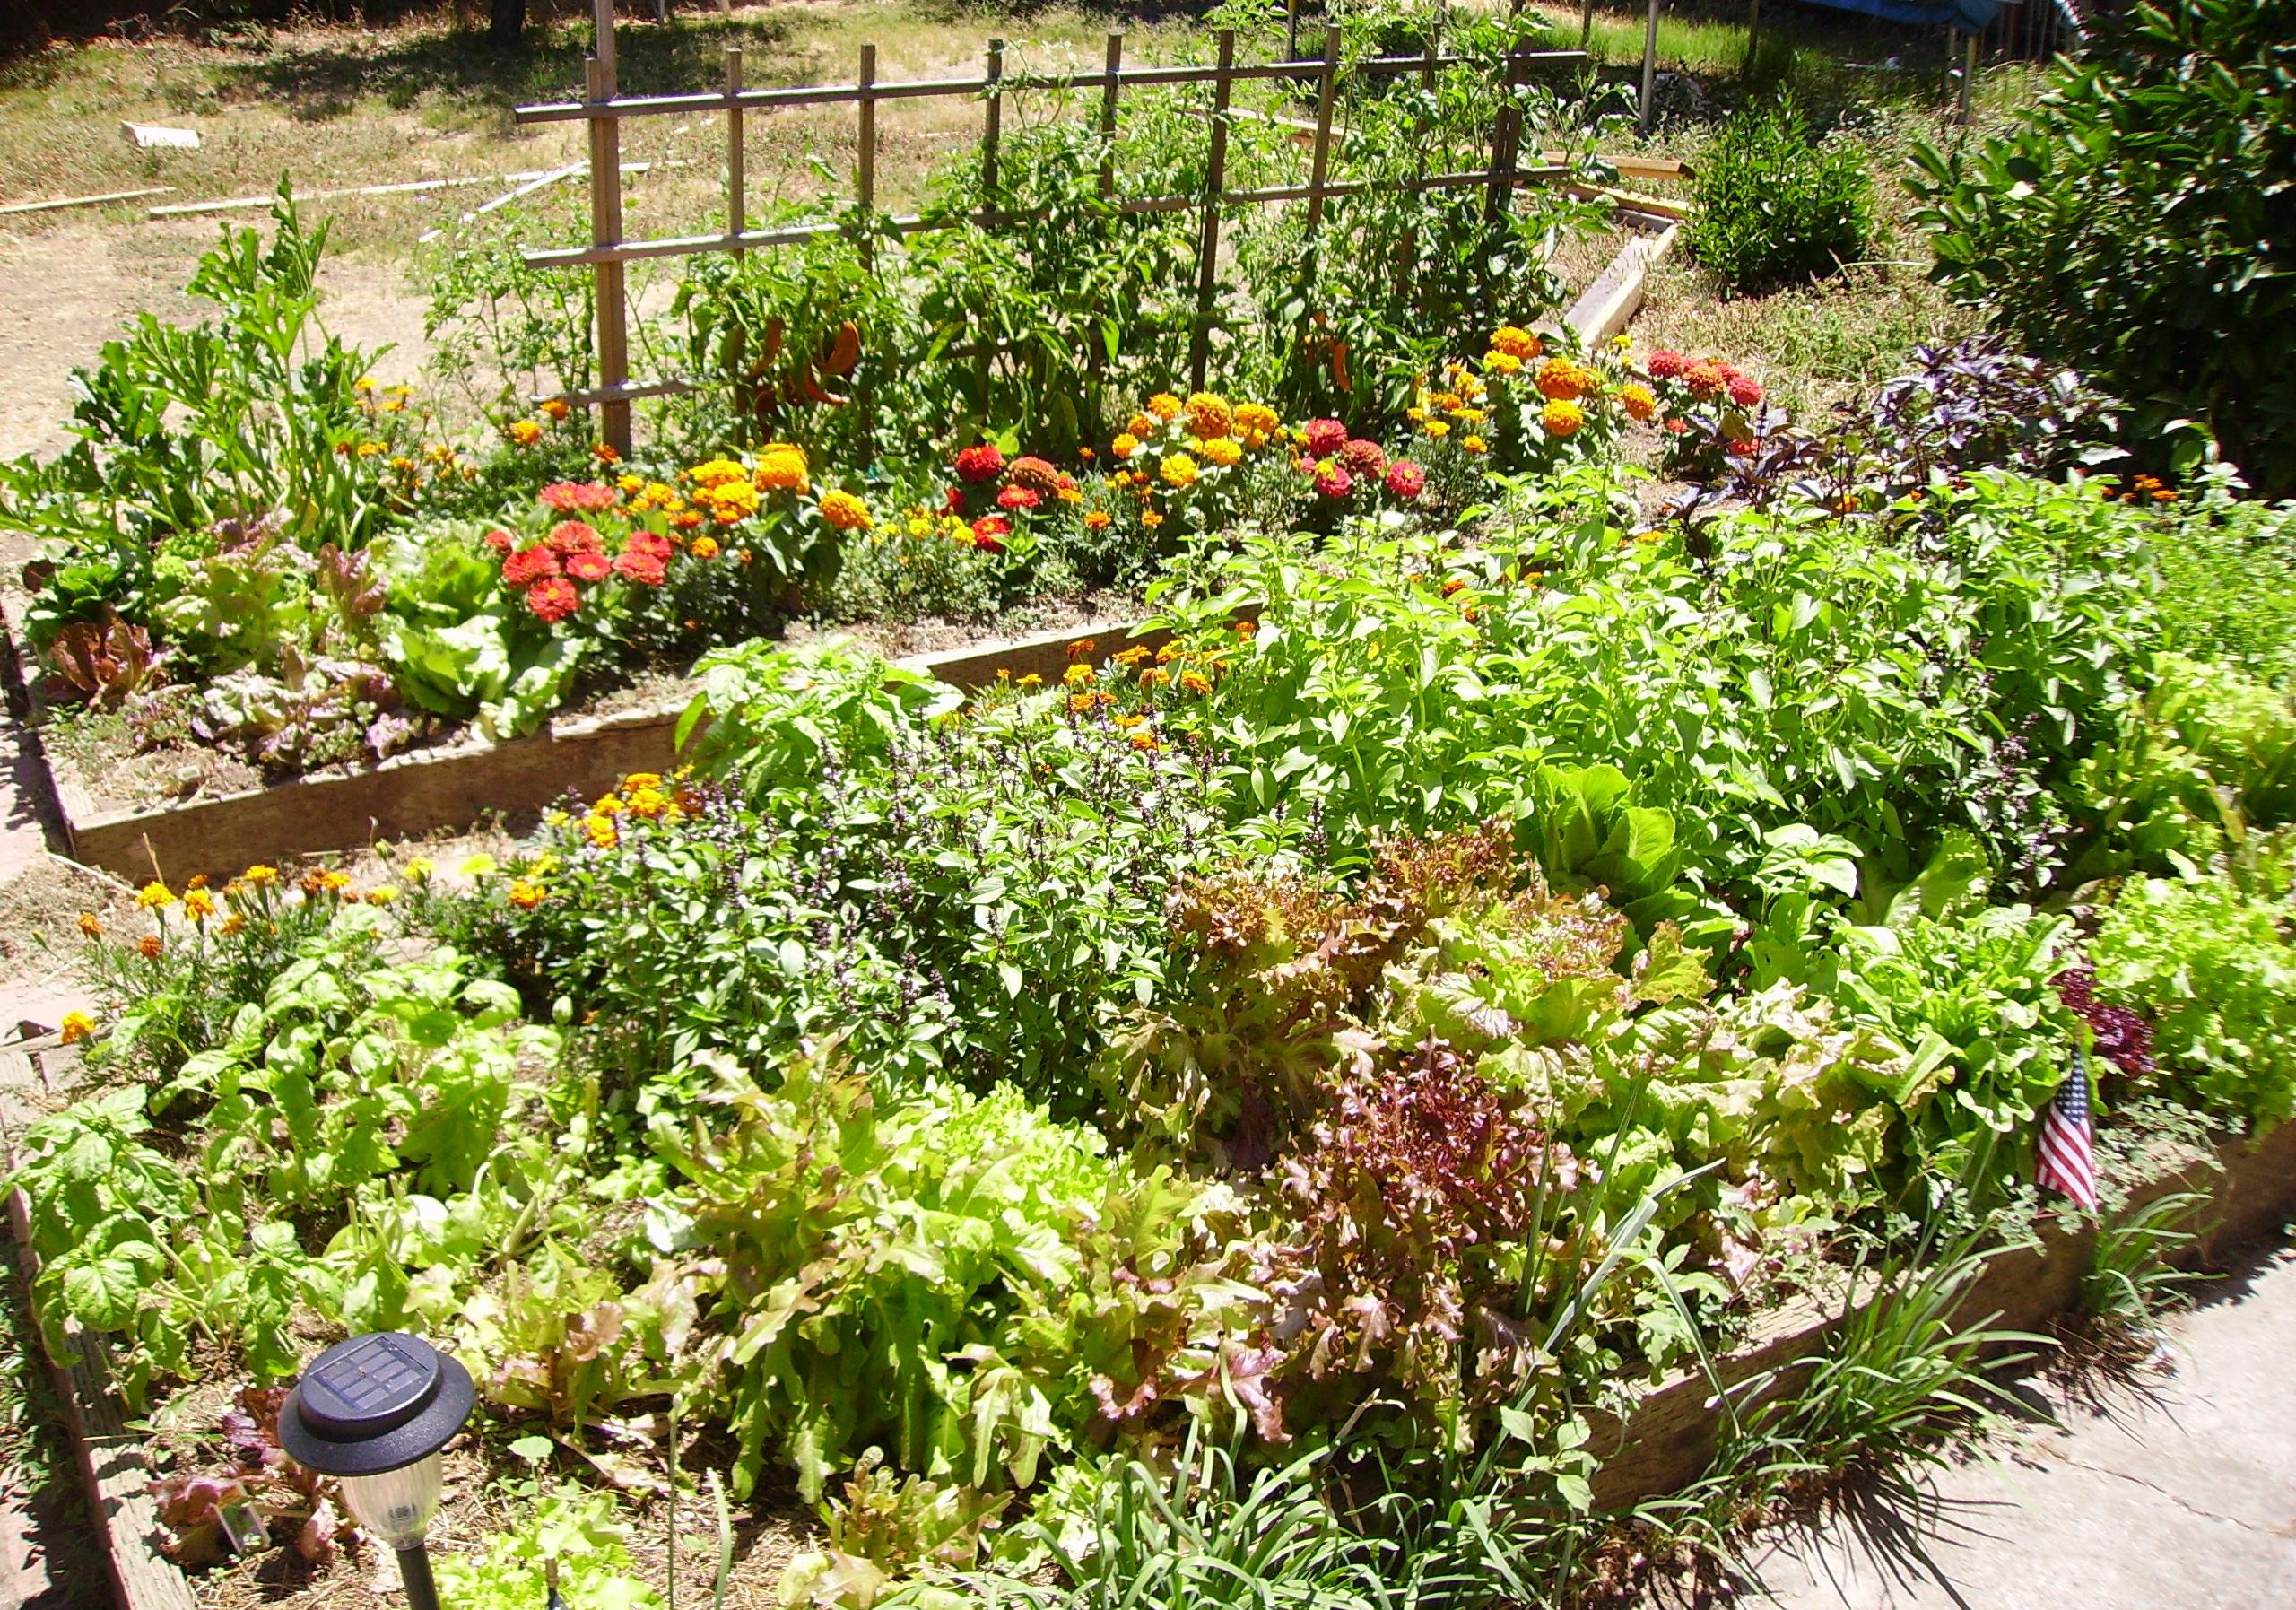 Meilleur engrais pour légumes et jardins guide achat avis et comparatif